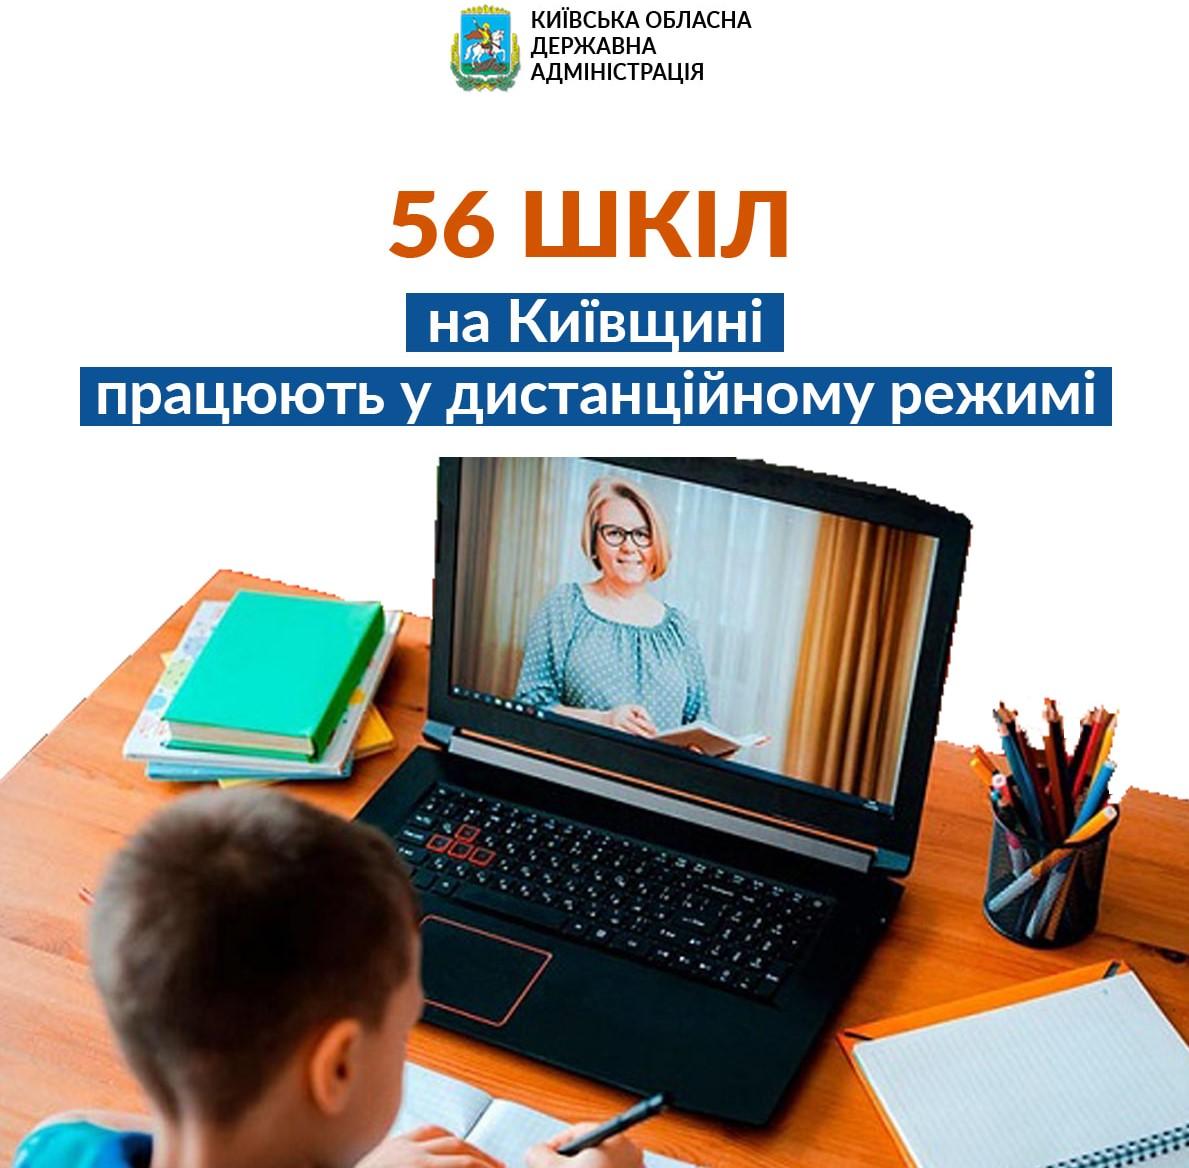 Стало відомо, які школи Київщини працюють дистанційно - школярі, Освіта, коронавірус, дистанційне навчання - KODA shkoly obr